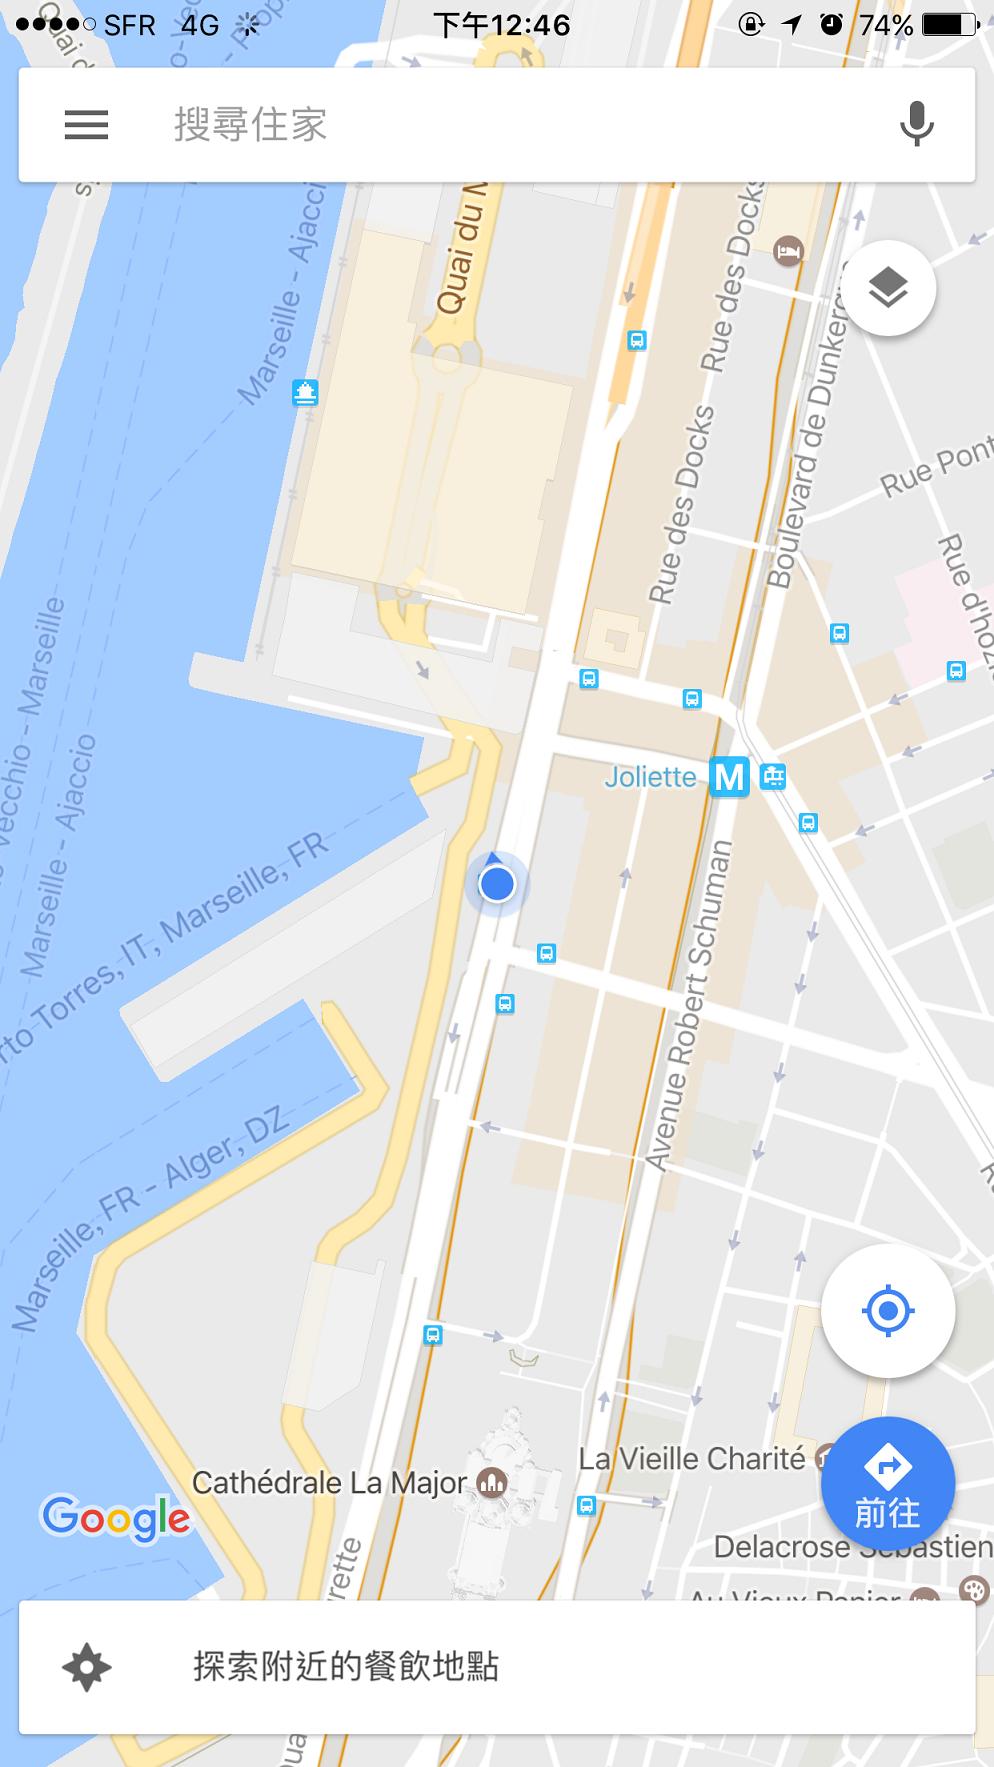 接駁車舊港下車位置